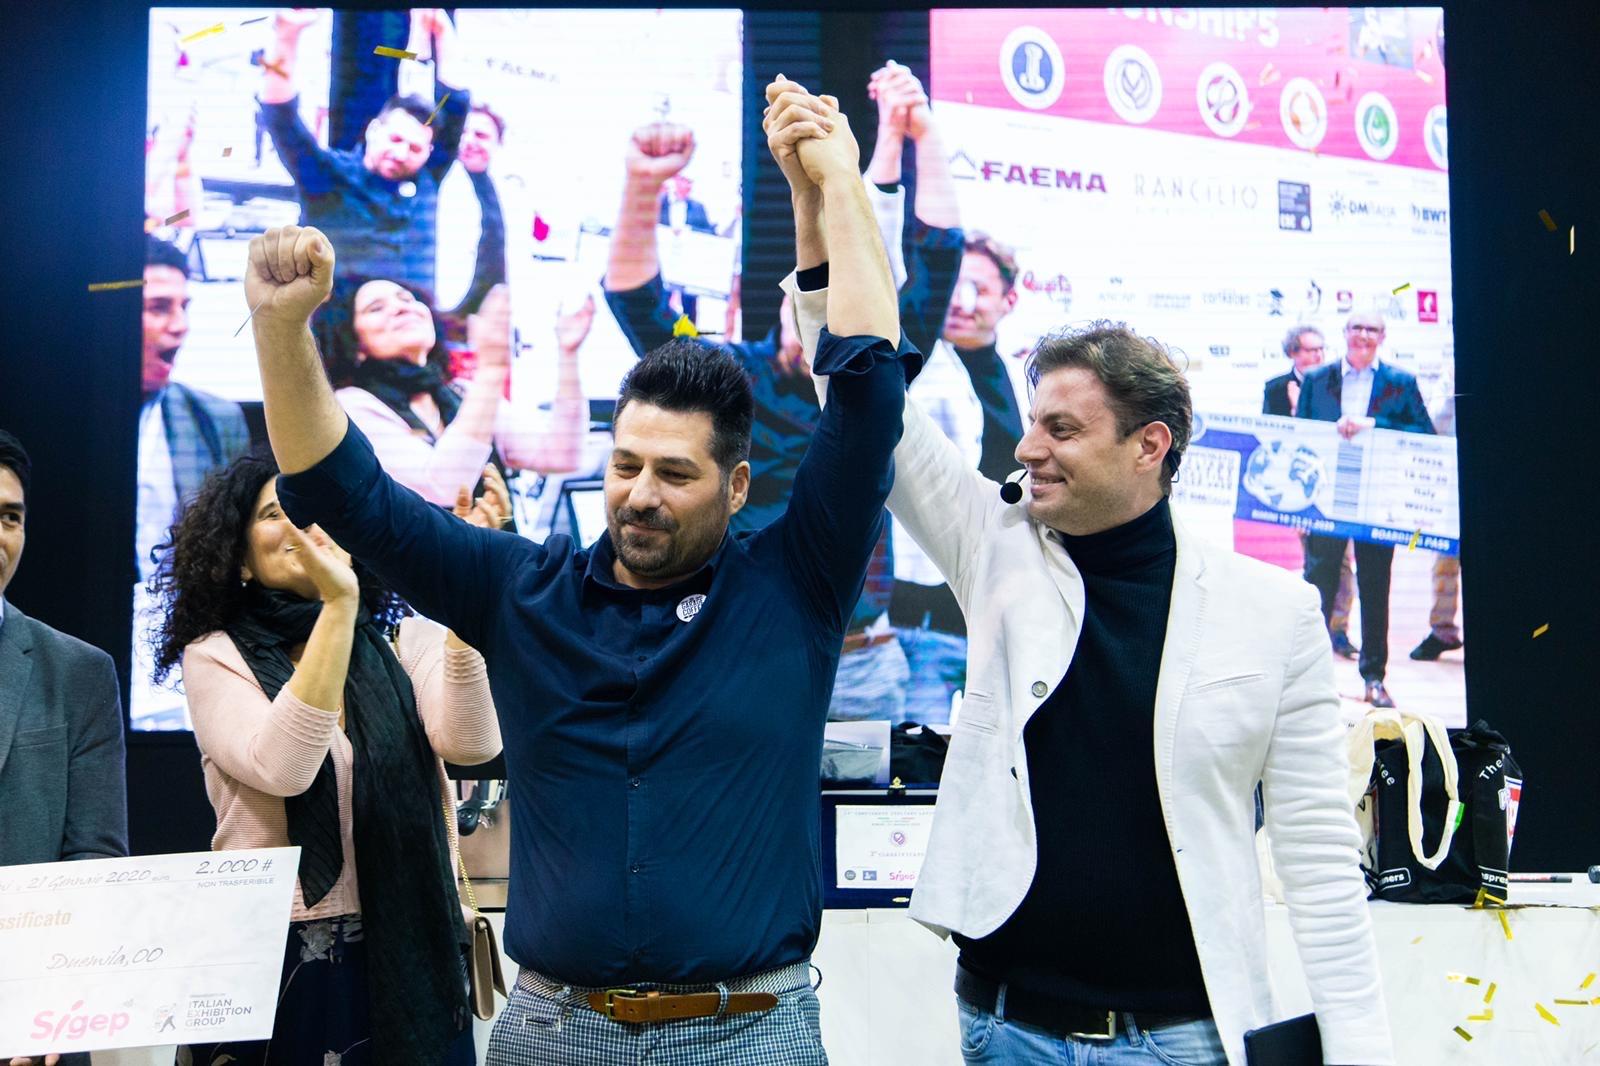 Il trionfo di Davide Cobelli alla fine della complessa gara di Roasting